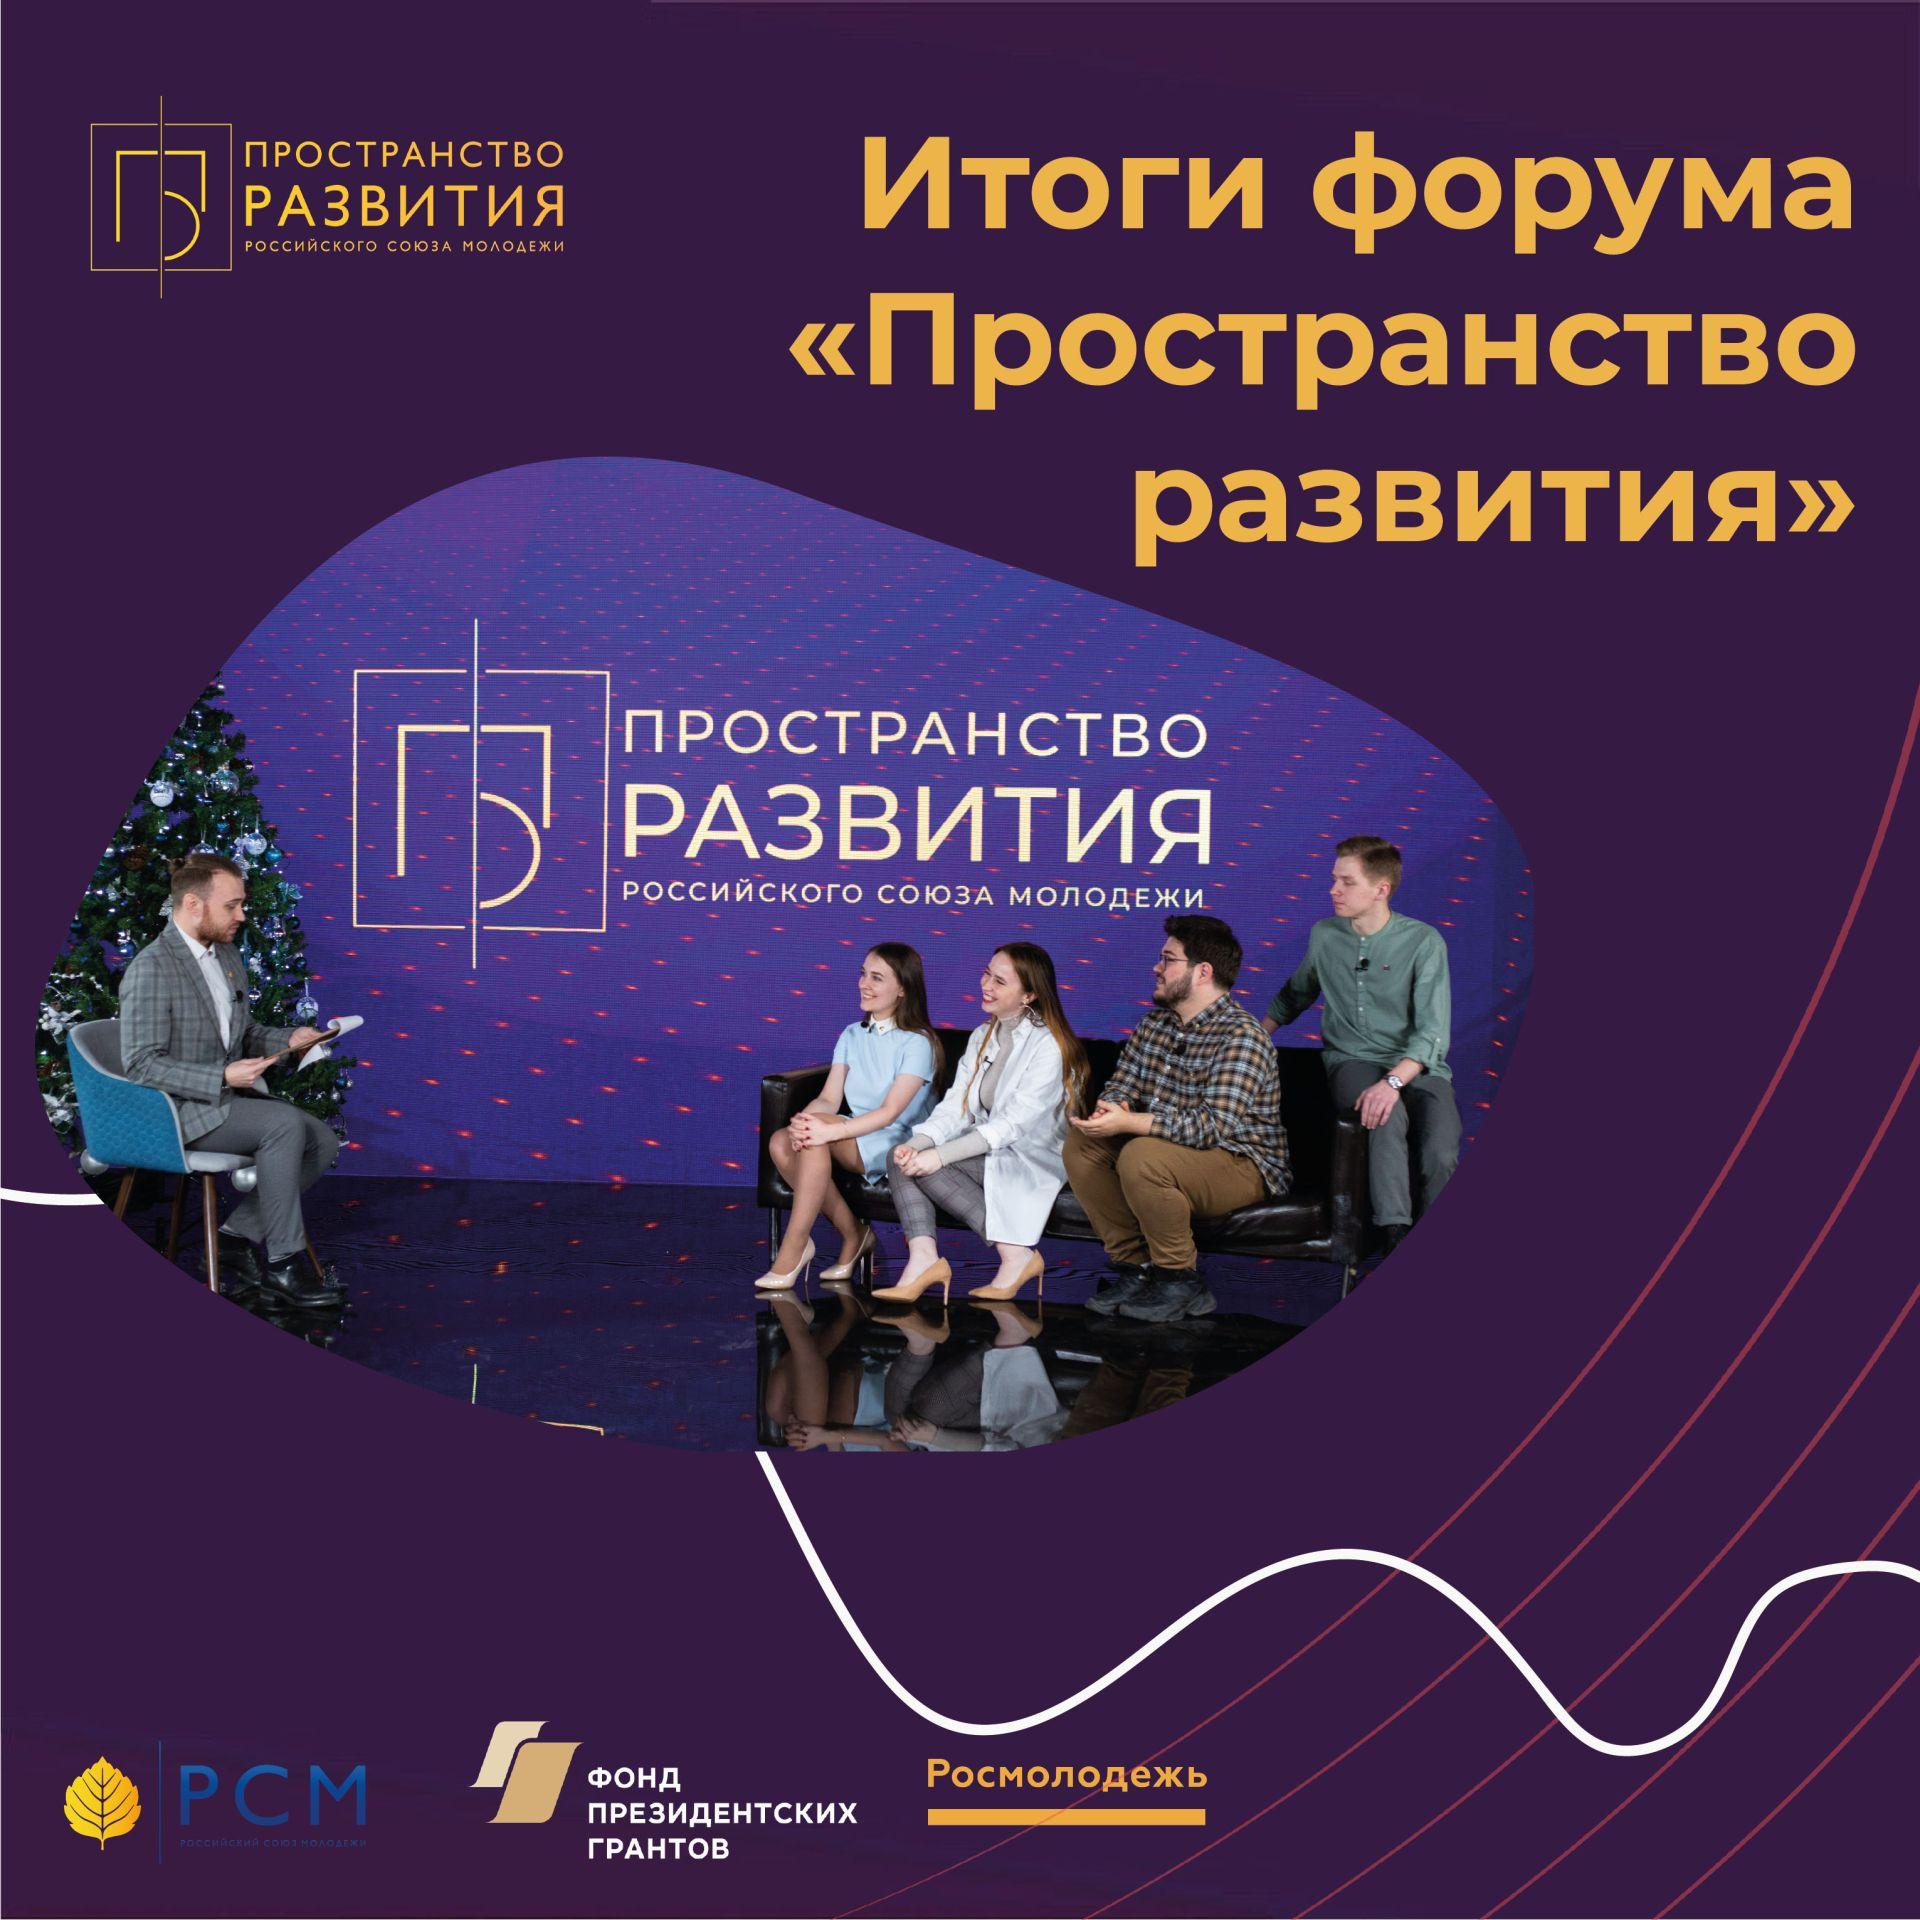 В Москве подвели итоги проектов по поддержке малых городов и поселений России